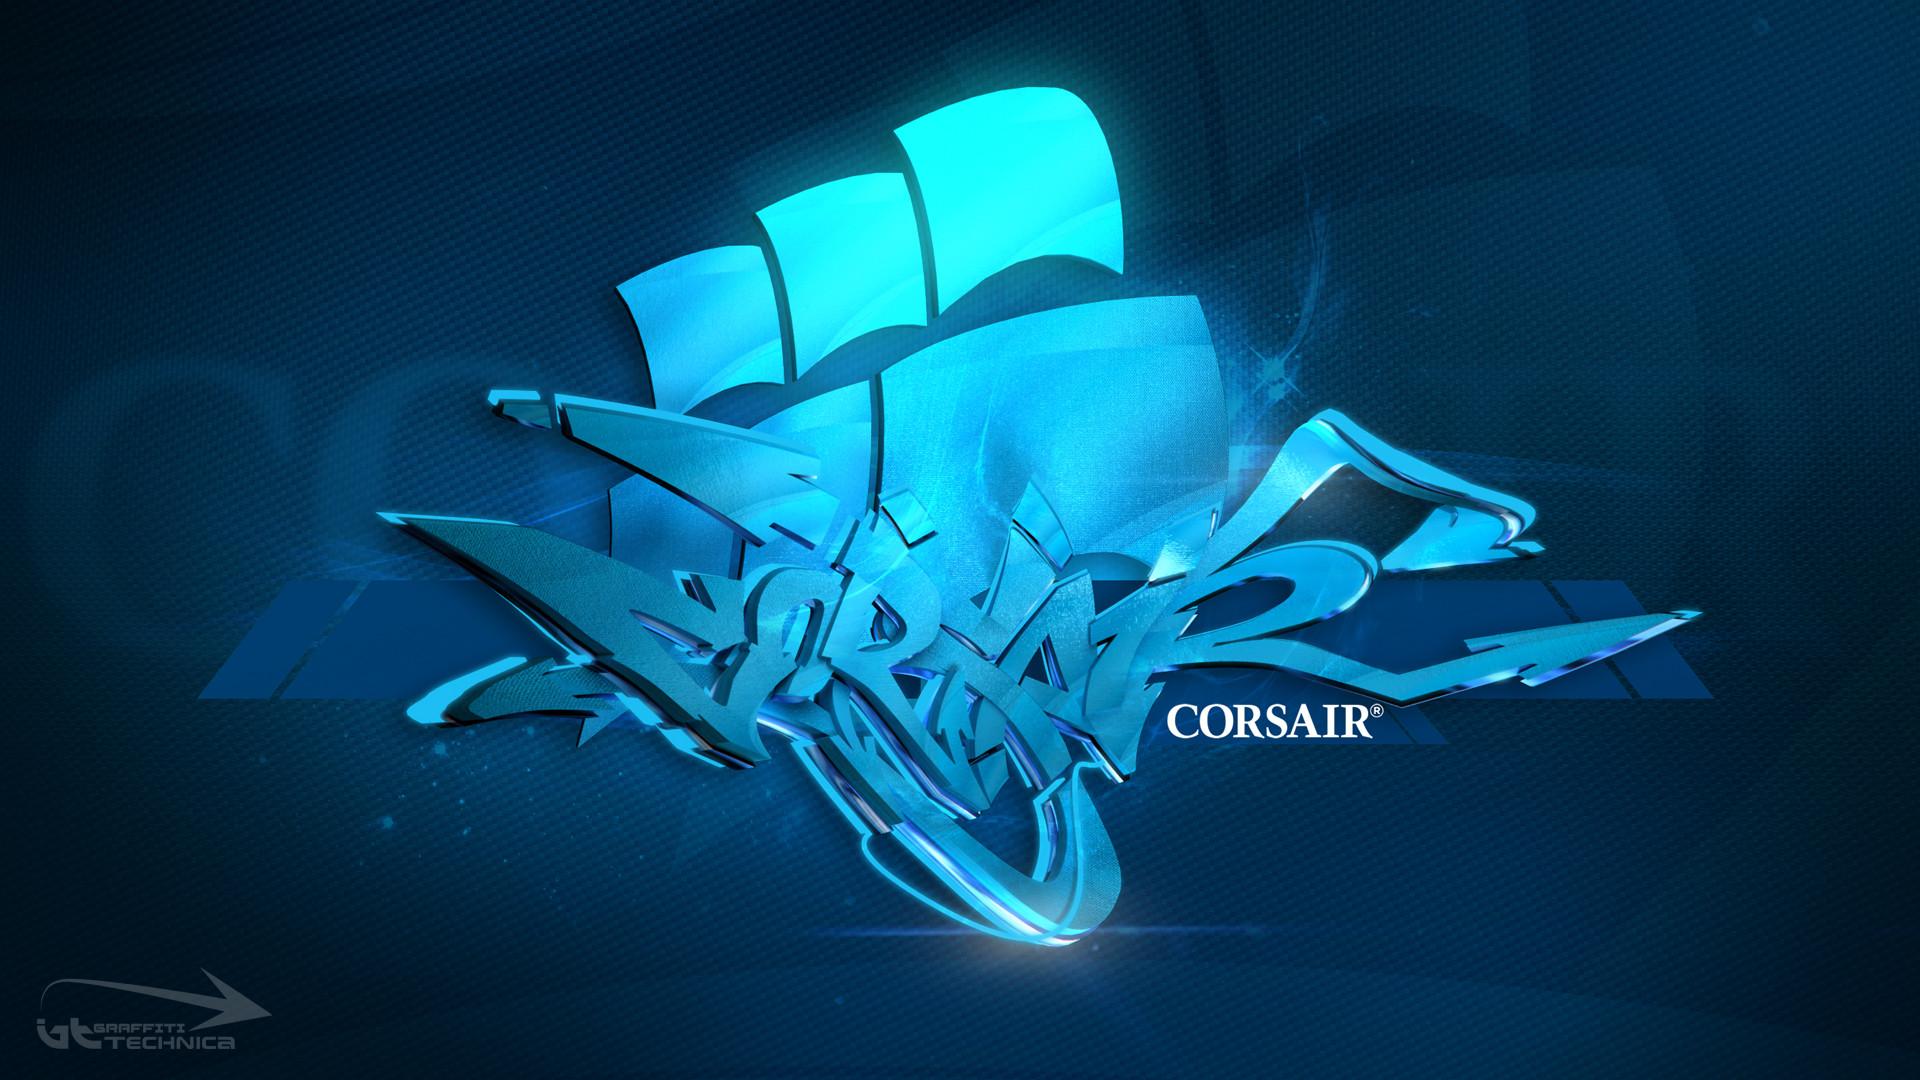 Corsair Gaming Wallpaper (80+ images)